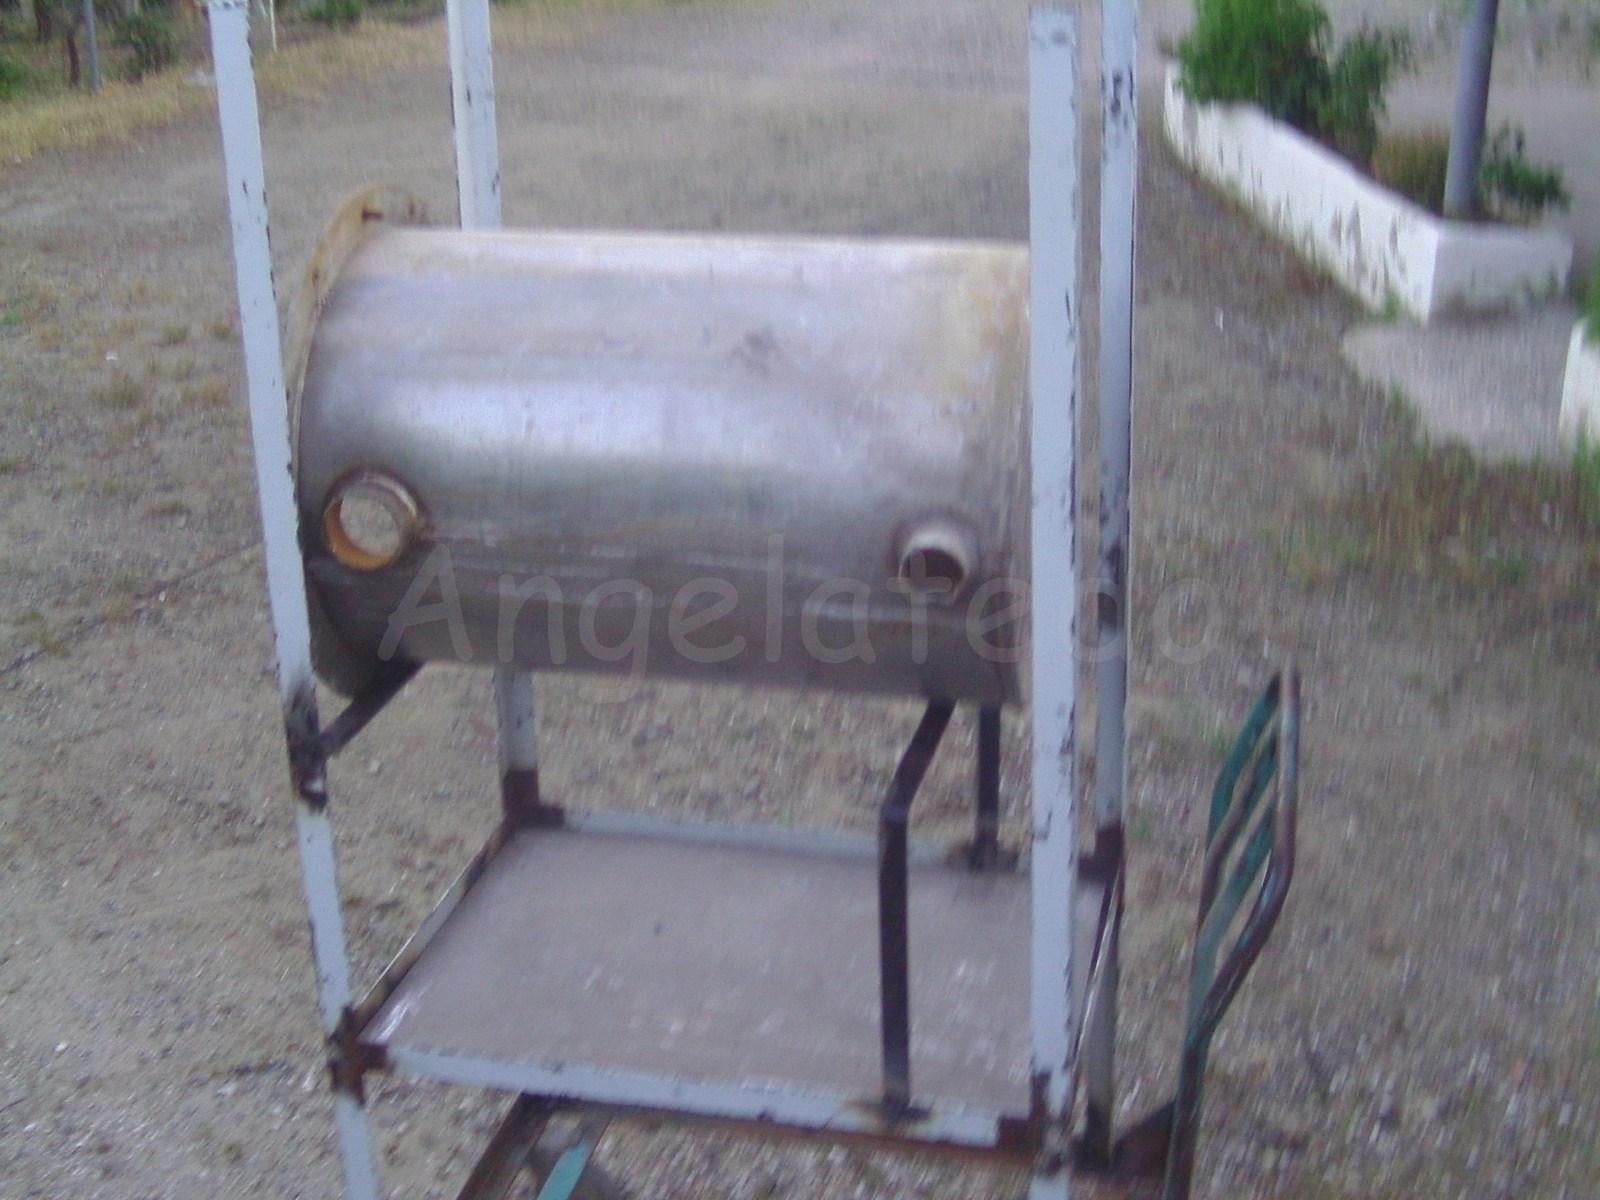 Construcci n de horno de le a horno sisale angelatedo - Construccion hornos de lena ...